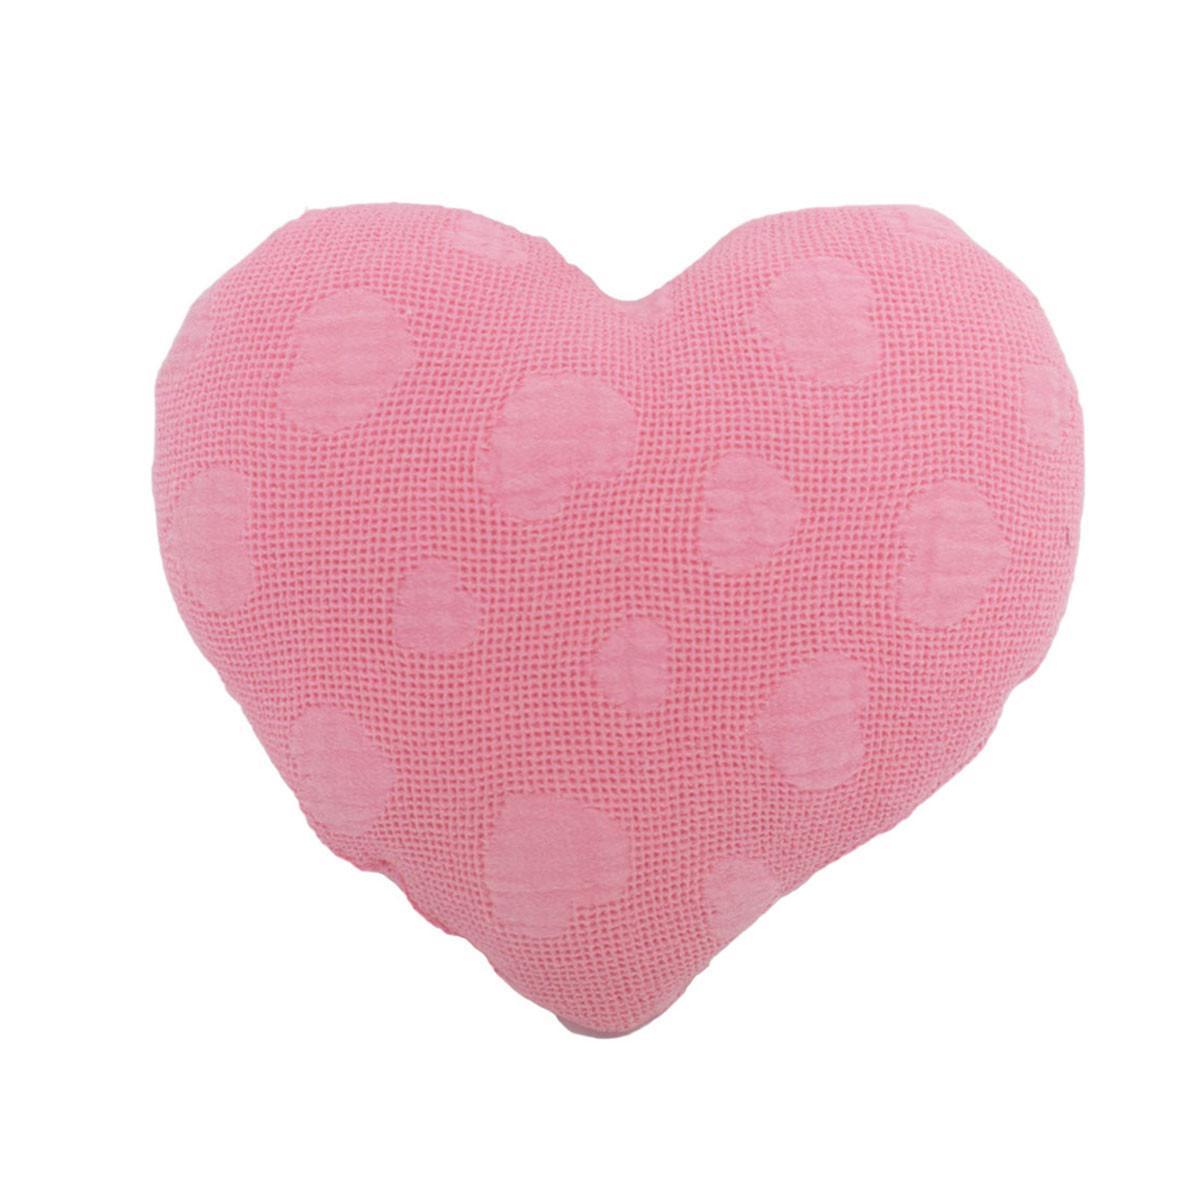 Διακοσμητικό Μαξιλάρι Cigit Heart Zakar Pink